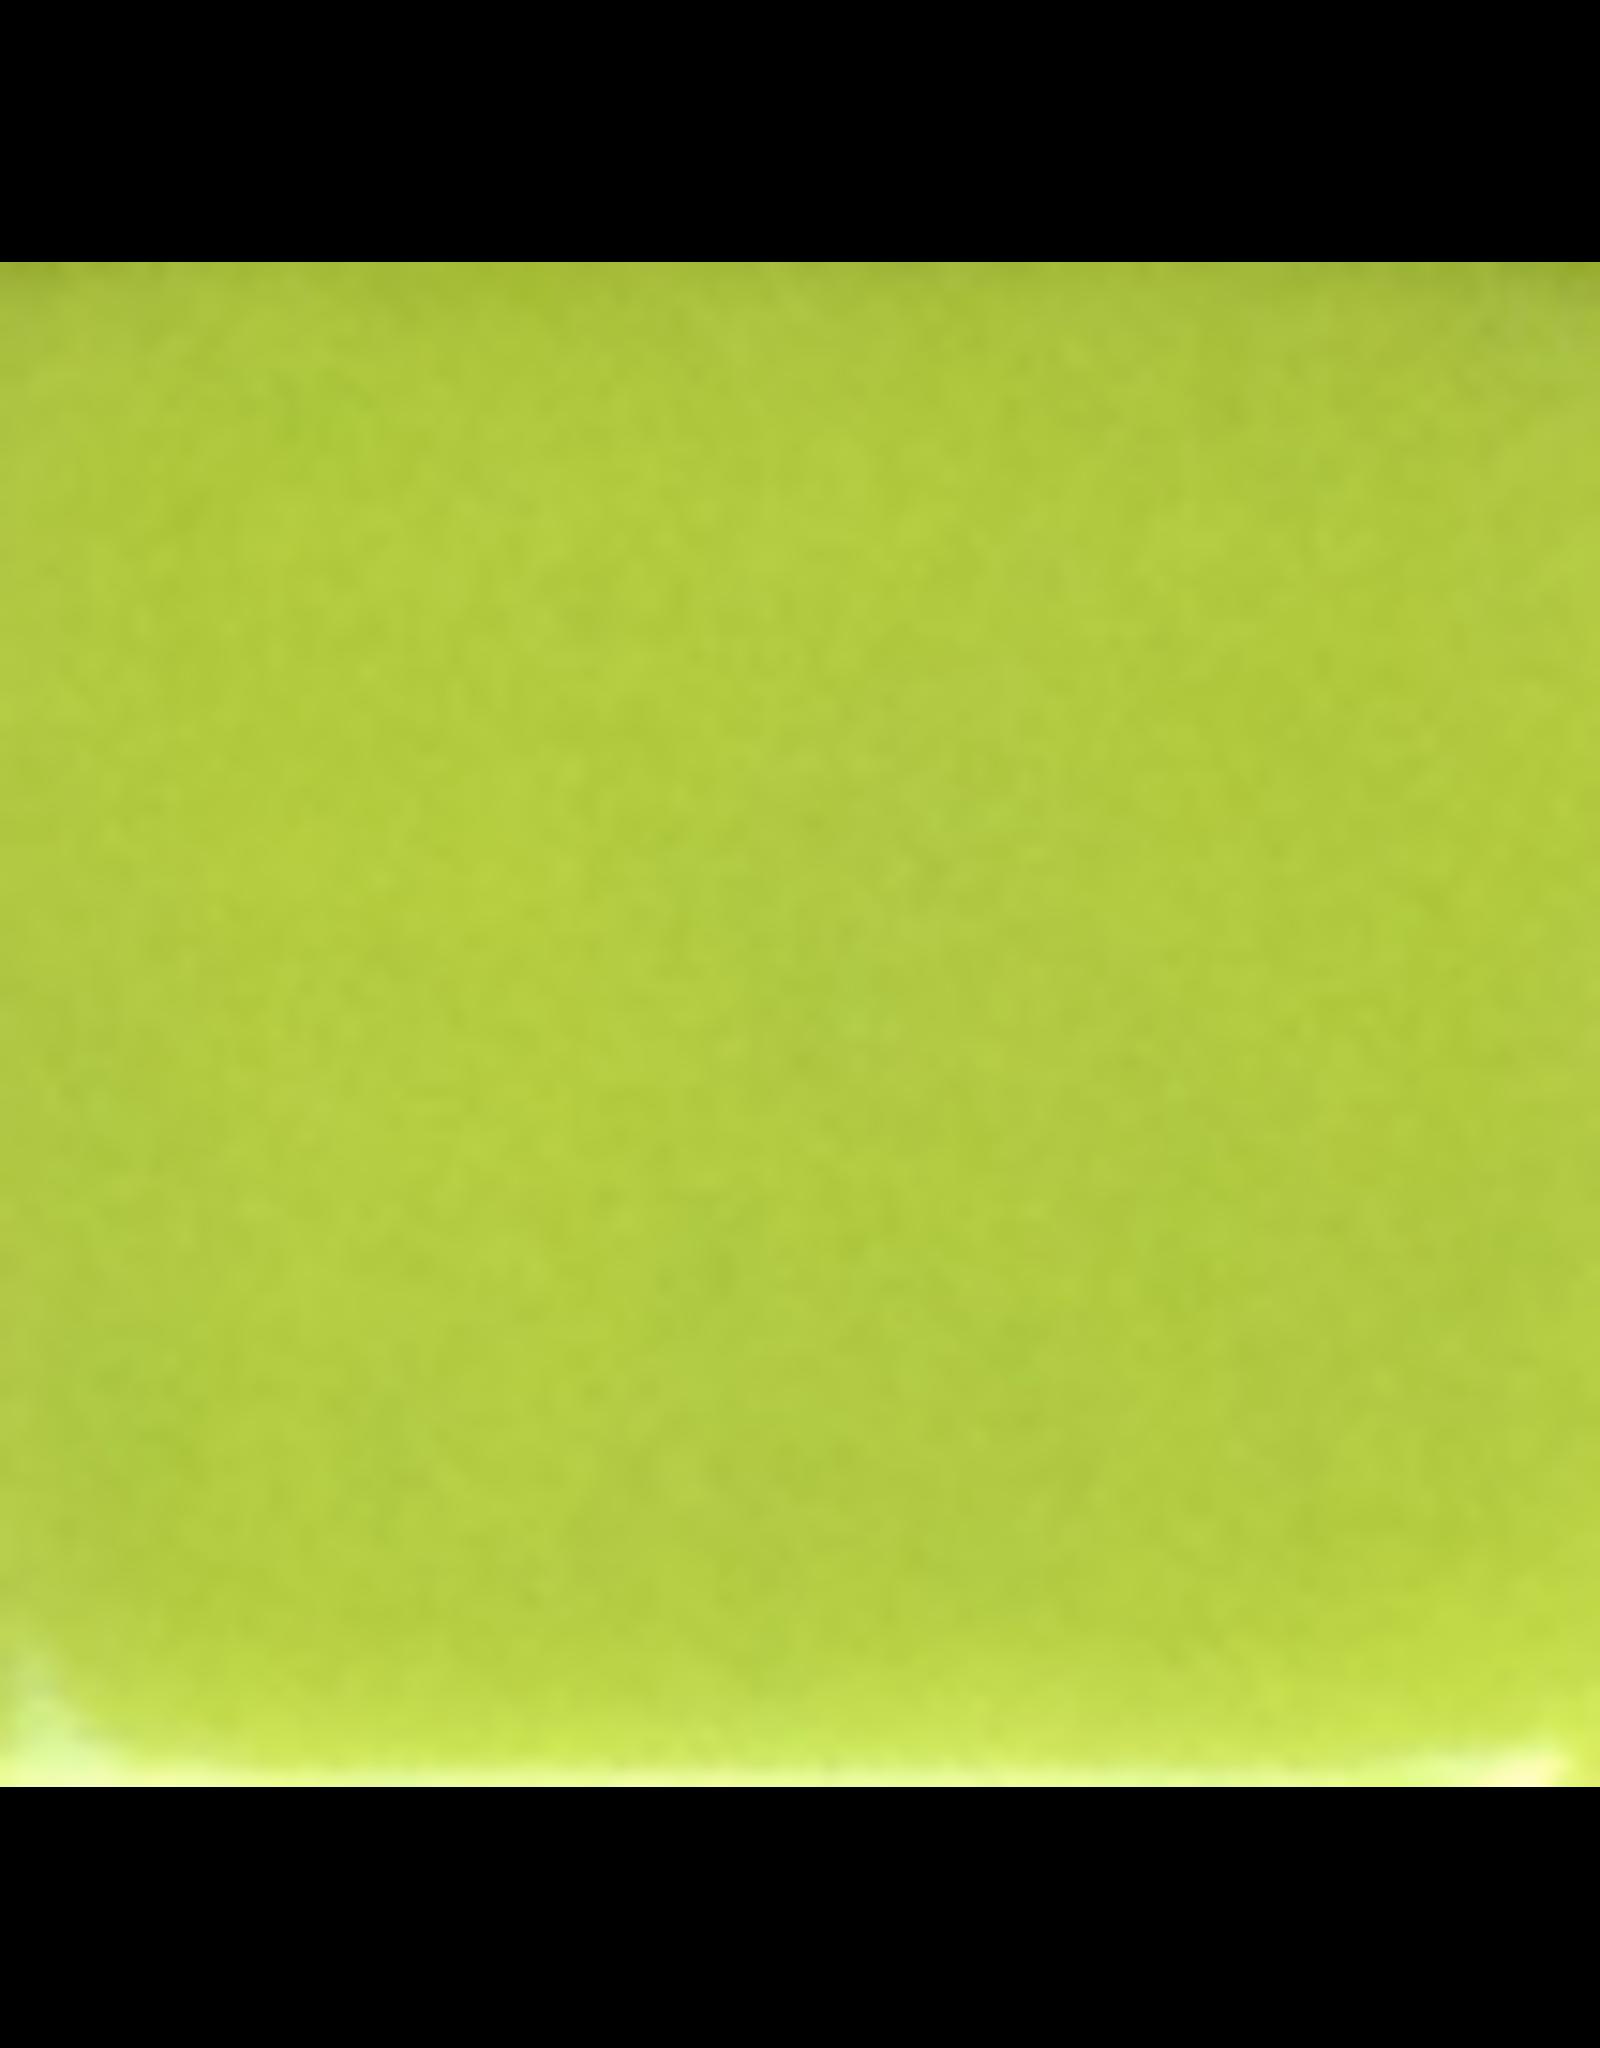 Contem UG31 Lime Green Underglaze